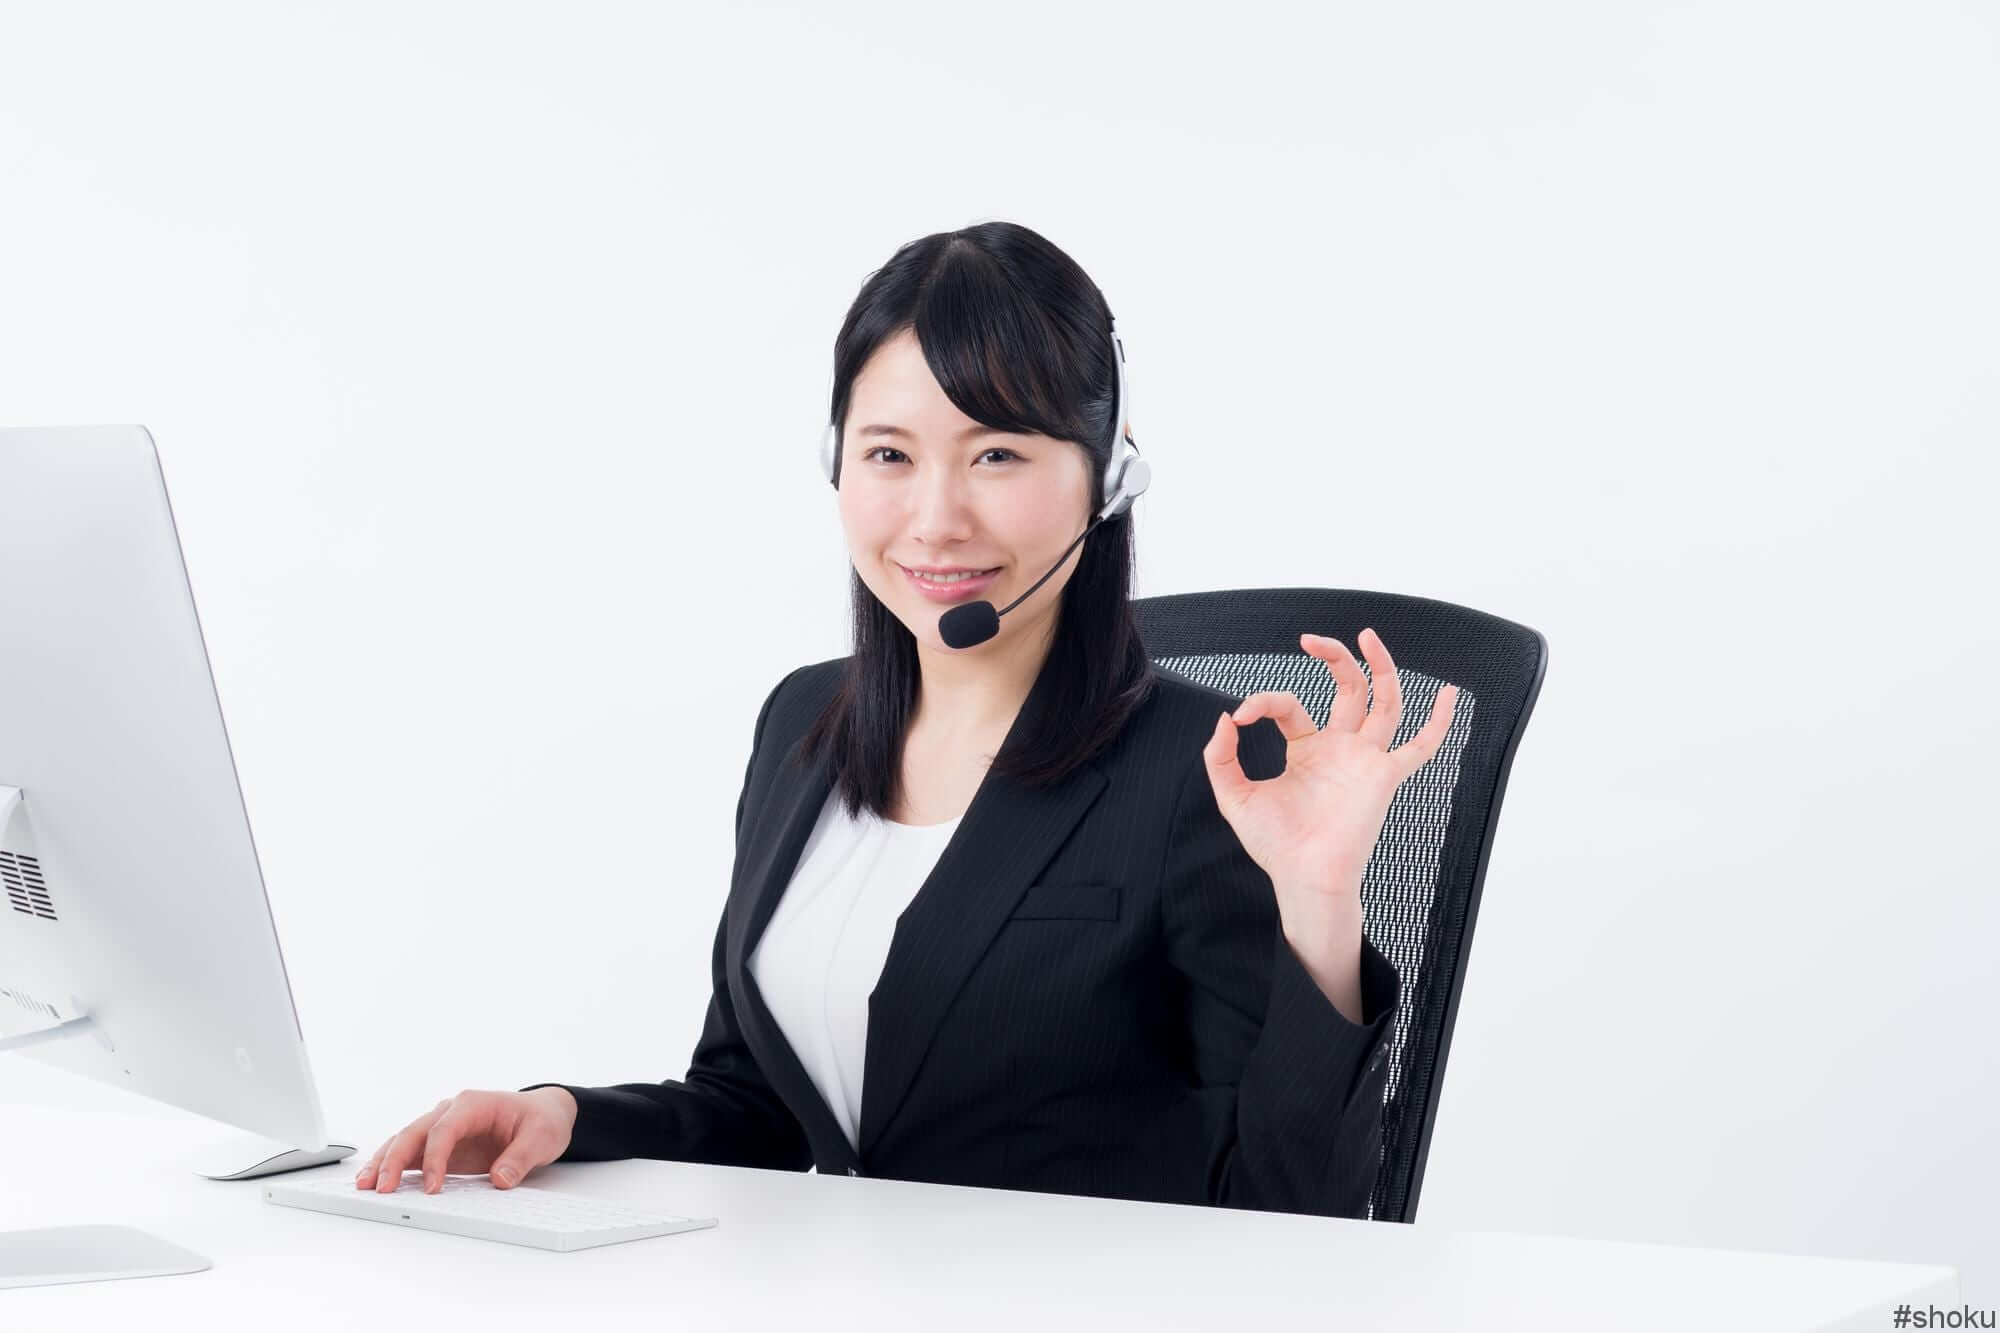 コールセンターの仕事にやりがいを感じている女性